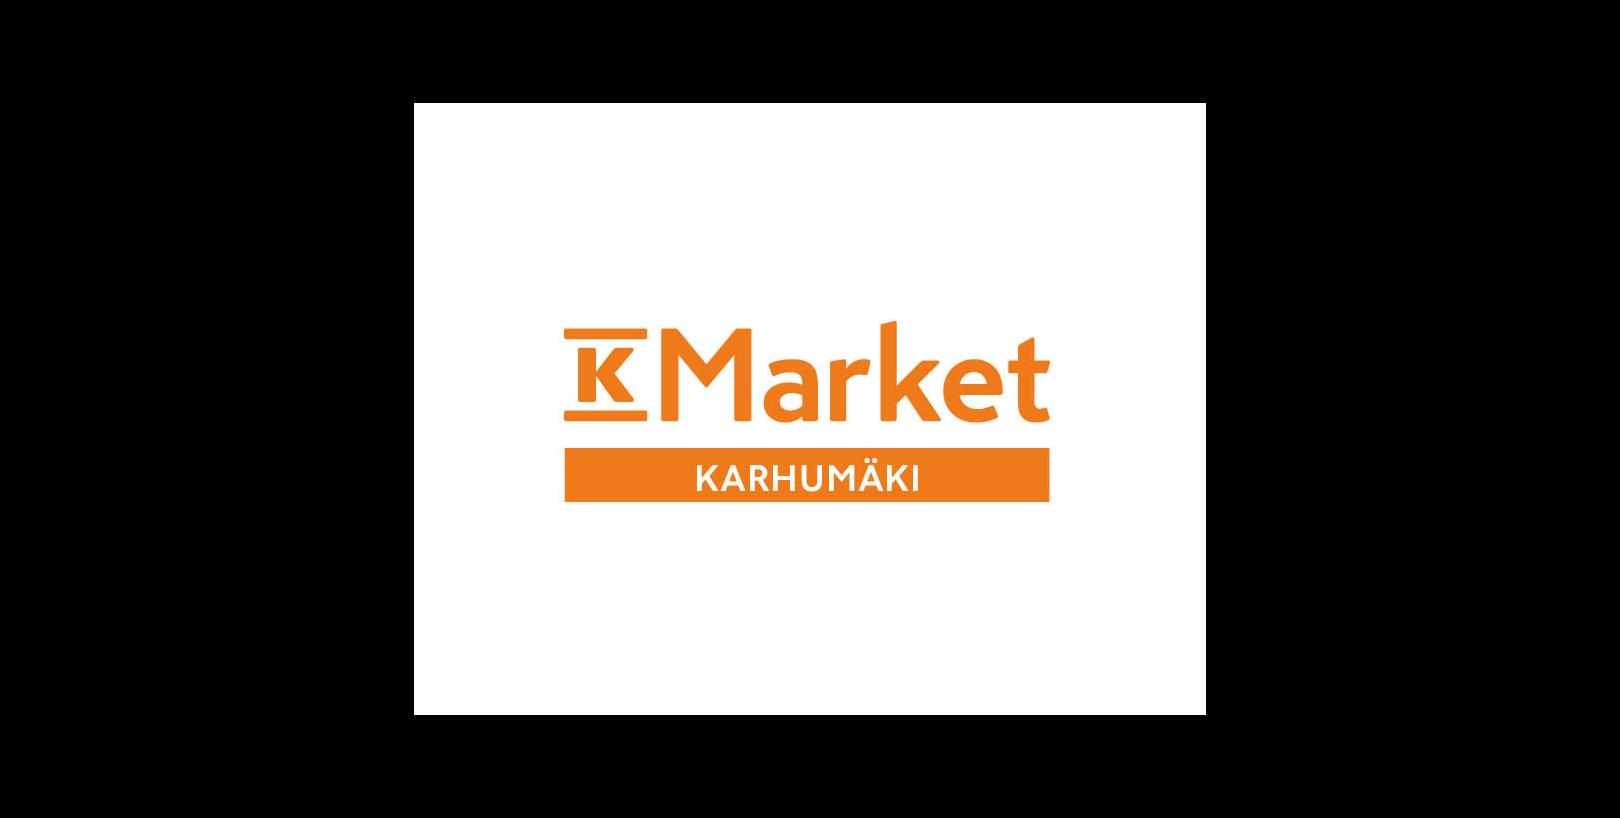 K-market Karhumäki